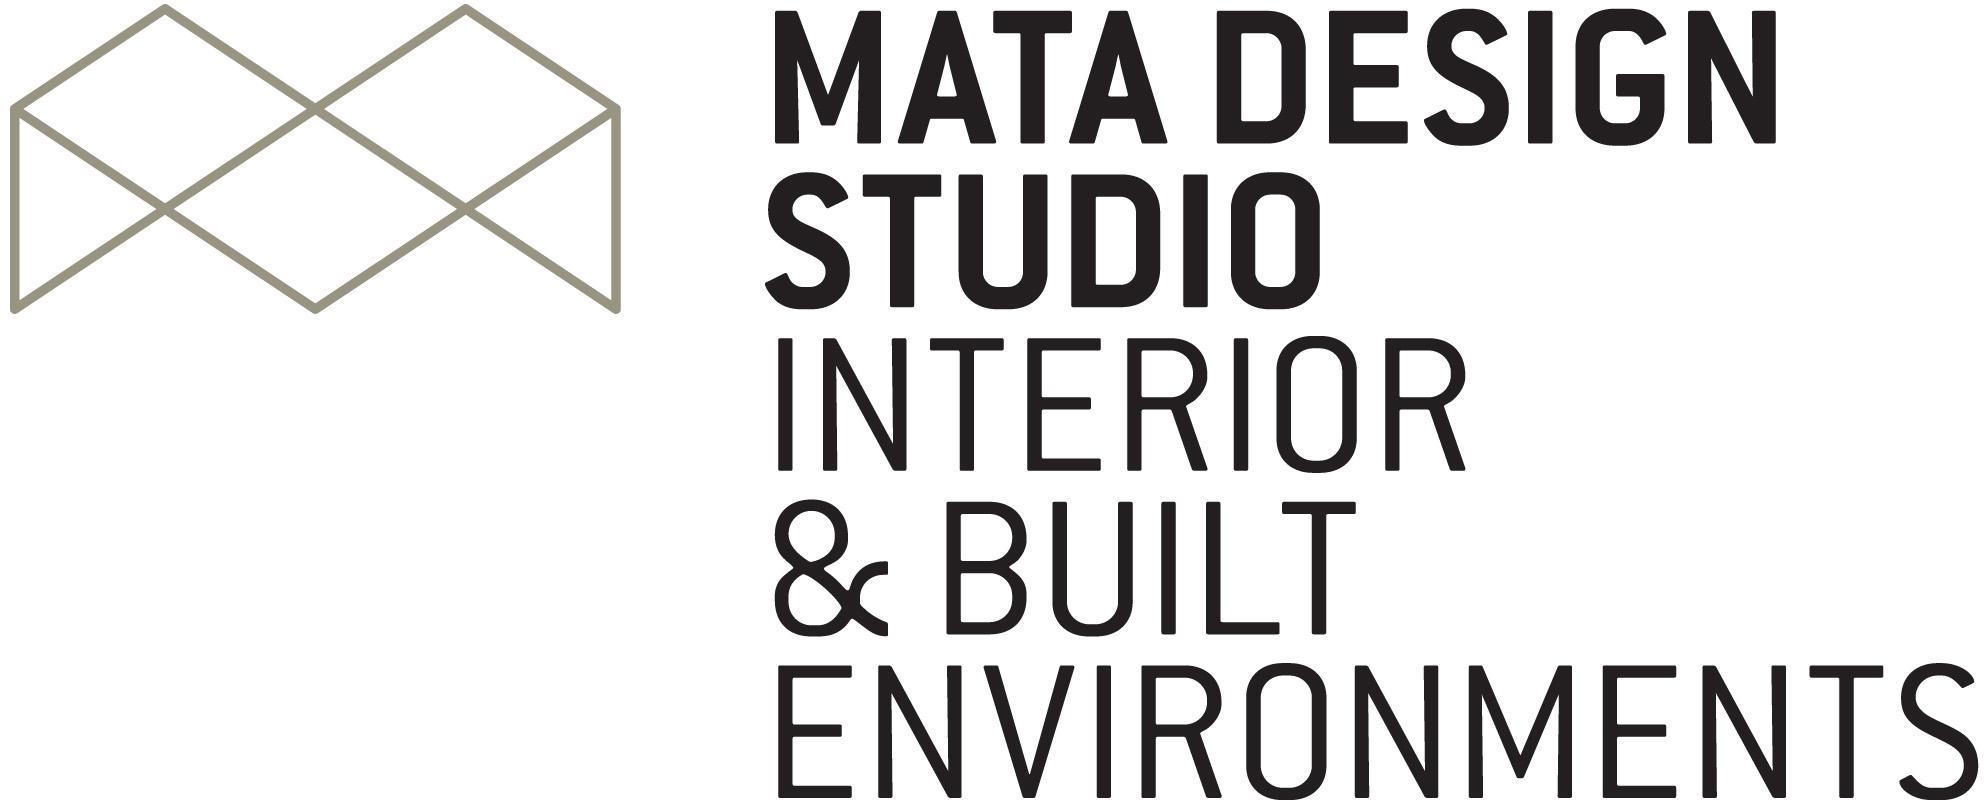 Mata Design Studio